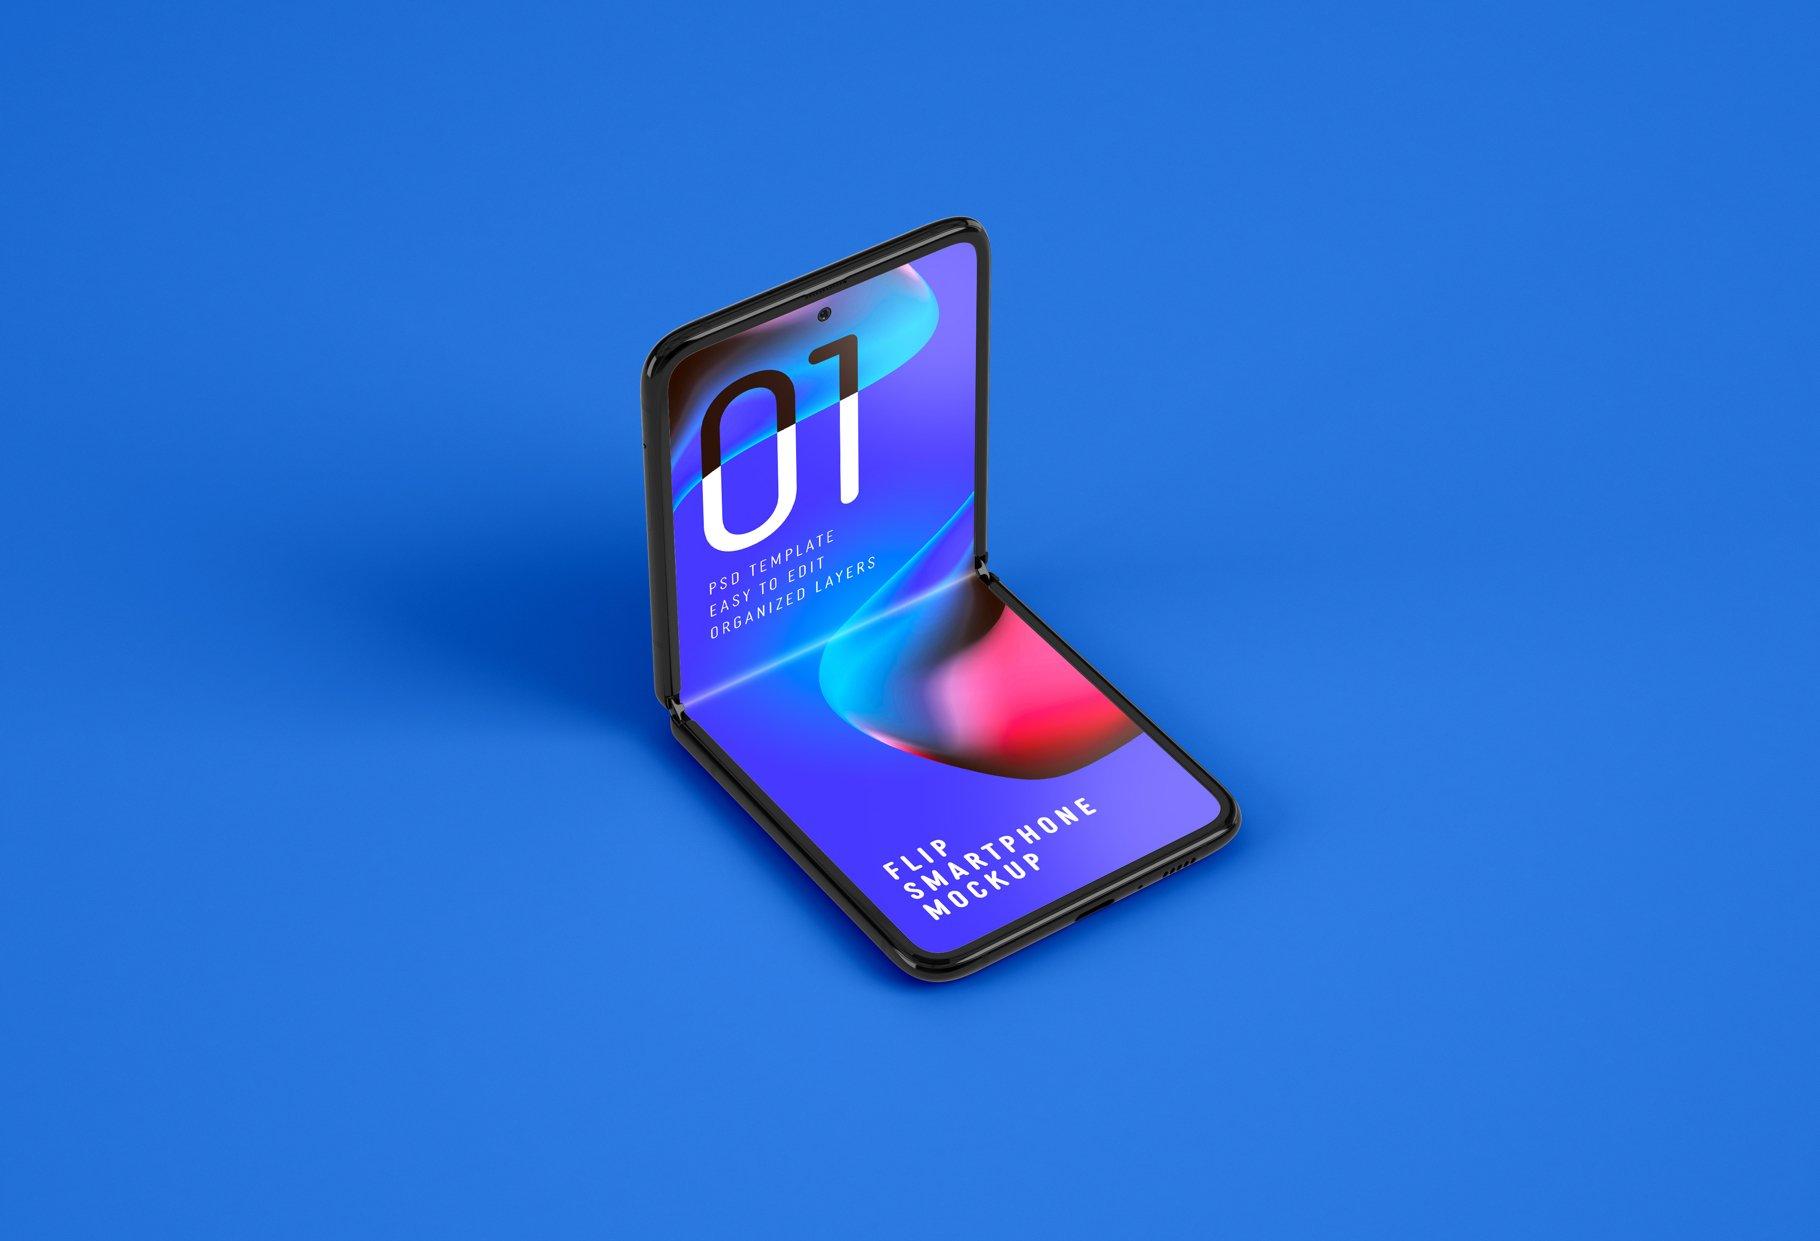 11款APP应用设计三星Galaxy Z手机屏幕演示样机模板 Galaxy Z Flip Mockup | Folding Phone插图(10)